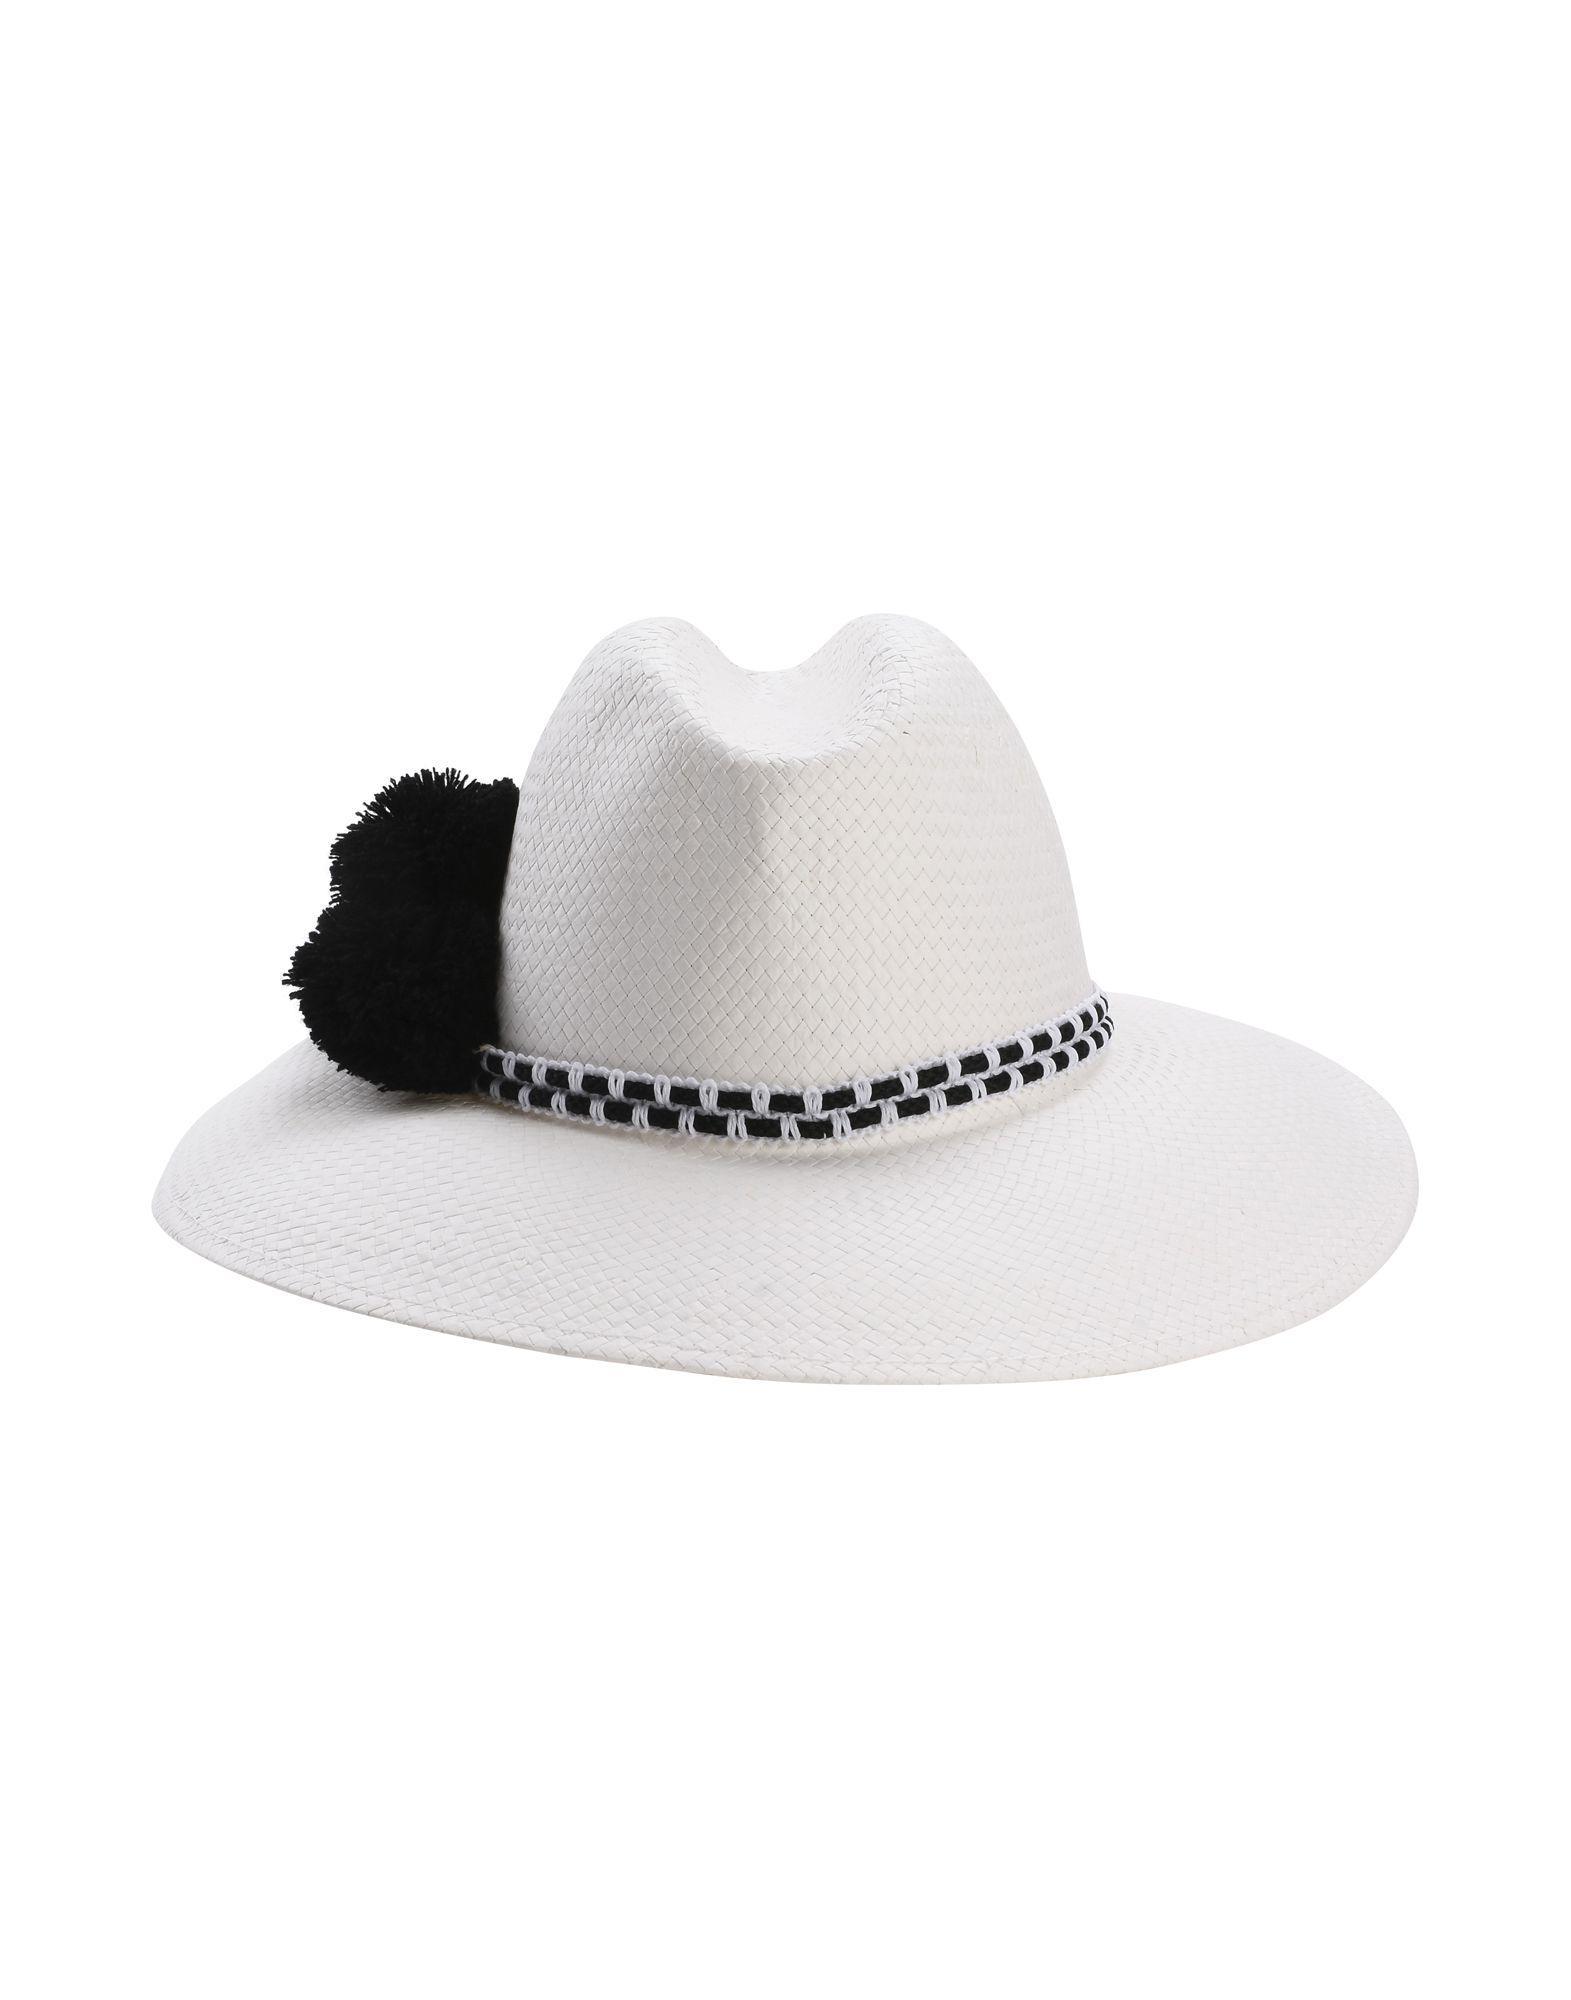 c2717f8a9faca Helene Berman Hat in White - Lyst